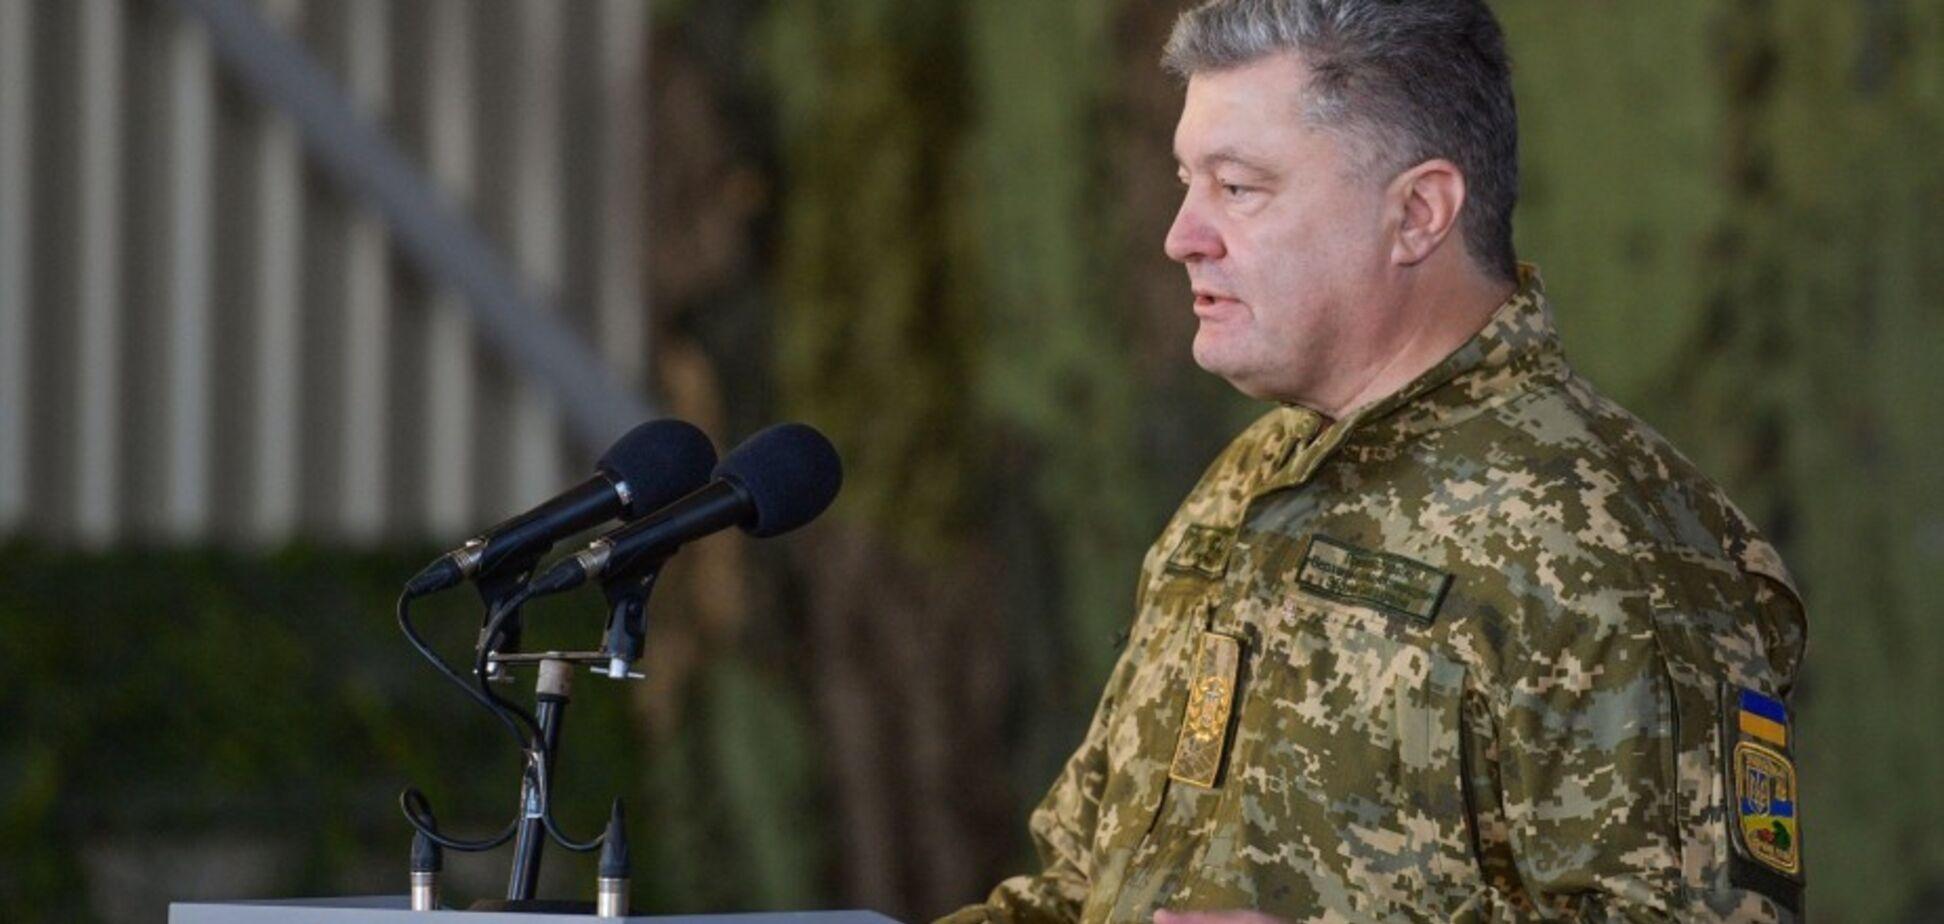 Бити з усієї зброї! Порошенко дав ОС відмашку на Донбасі